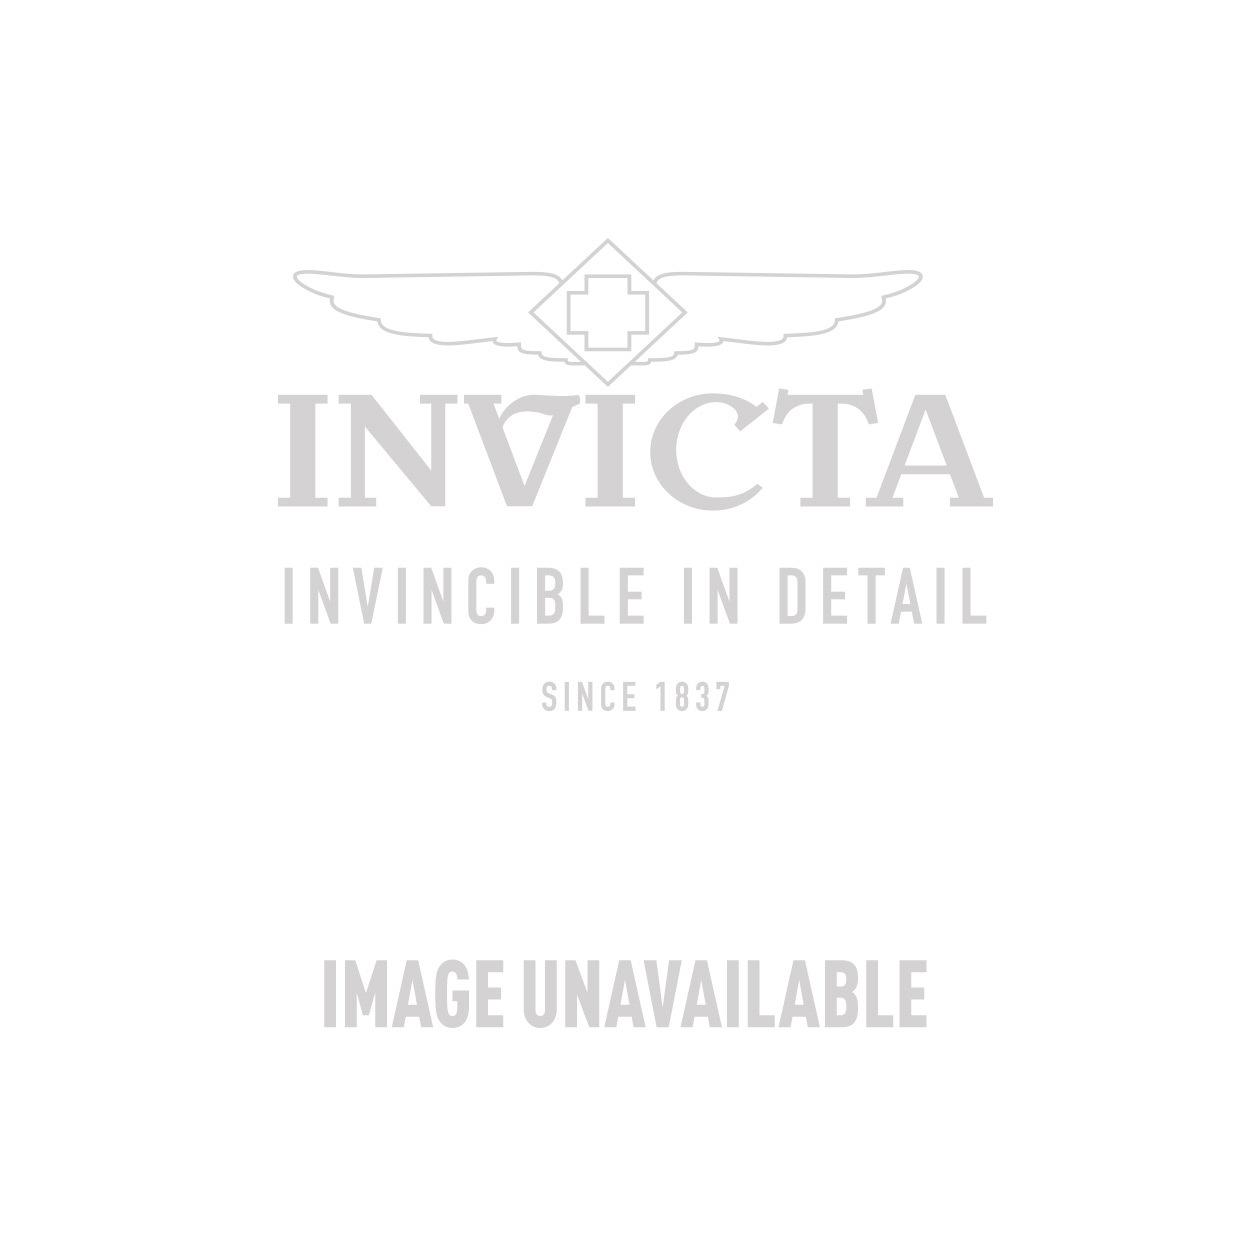 Invicta Model 29066